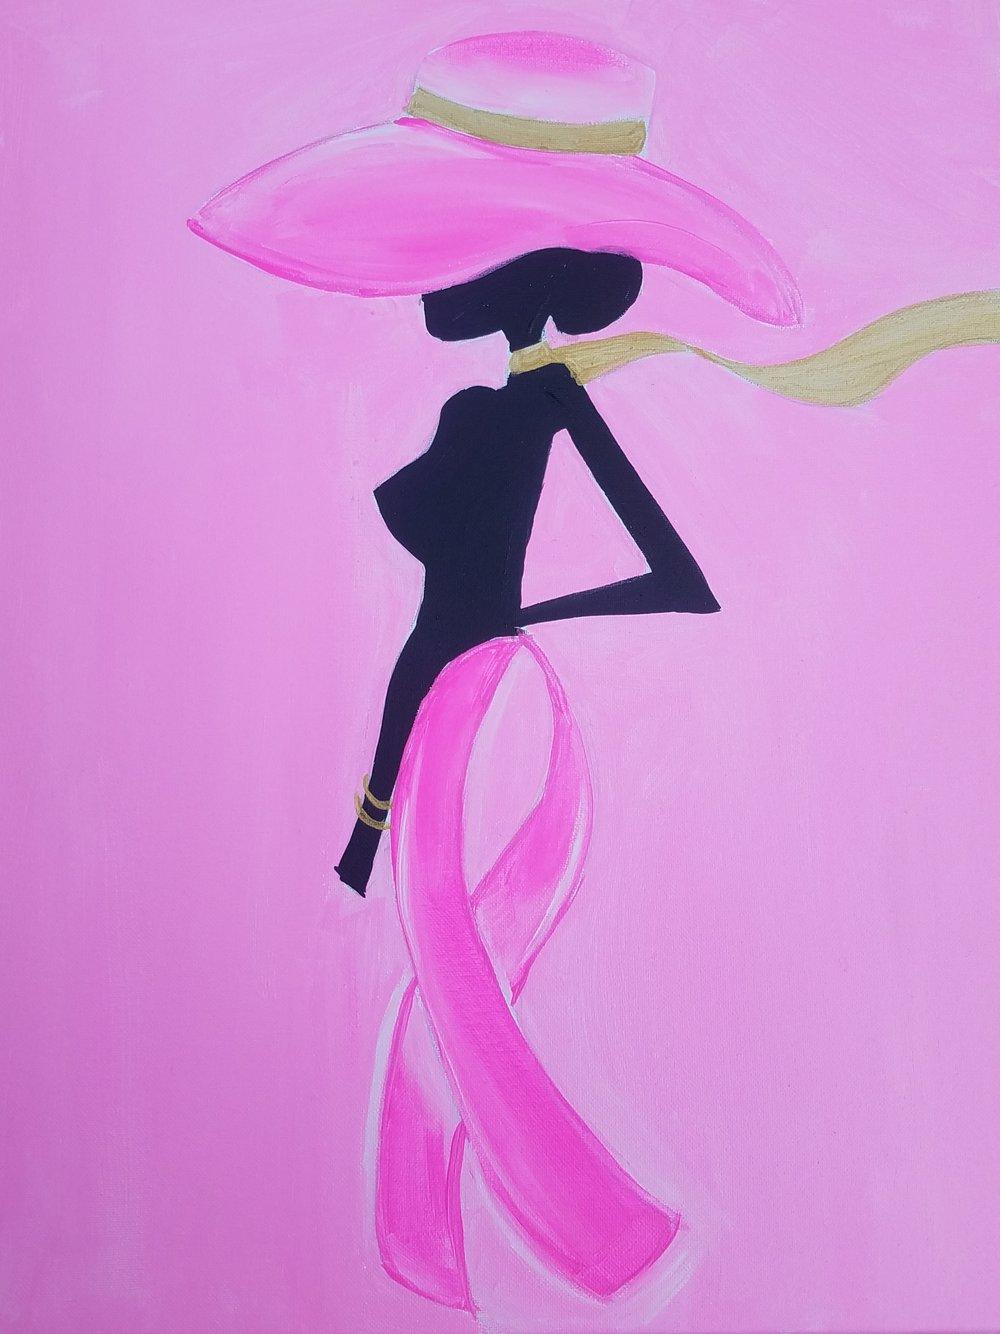 October 27th @ 7pm - Instructor: Nina J   Artist: Nina J